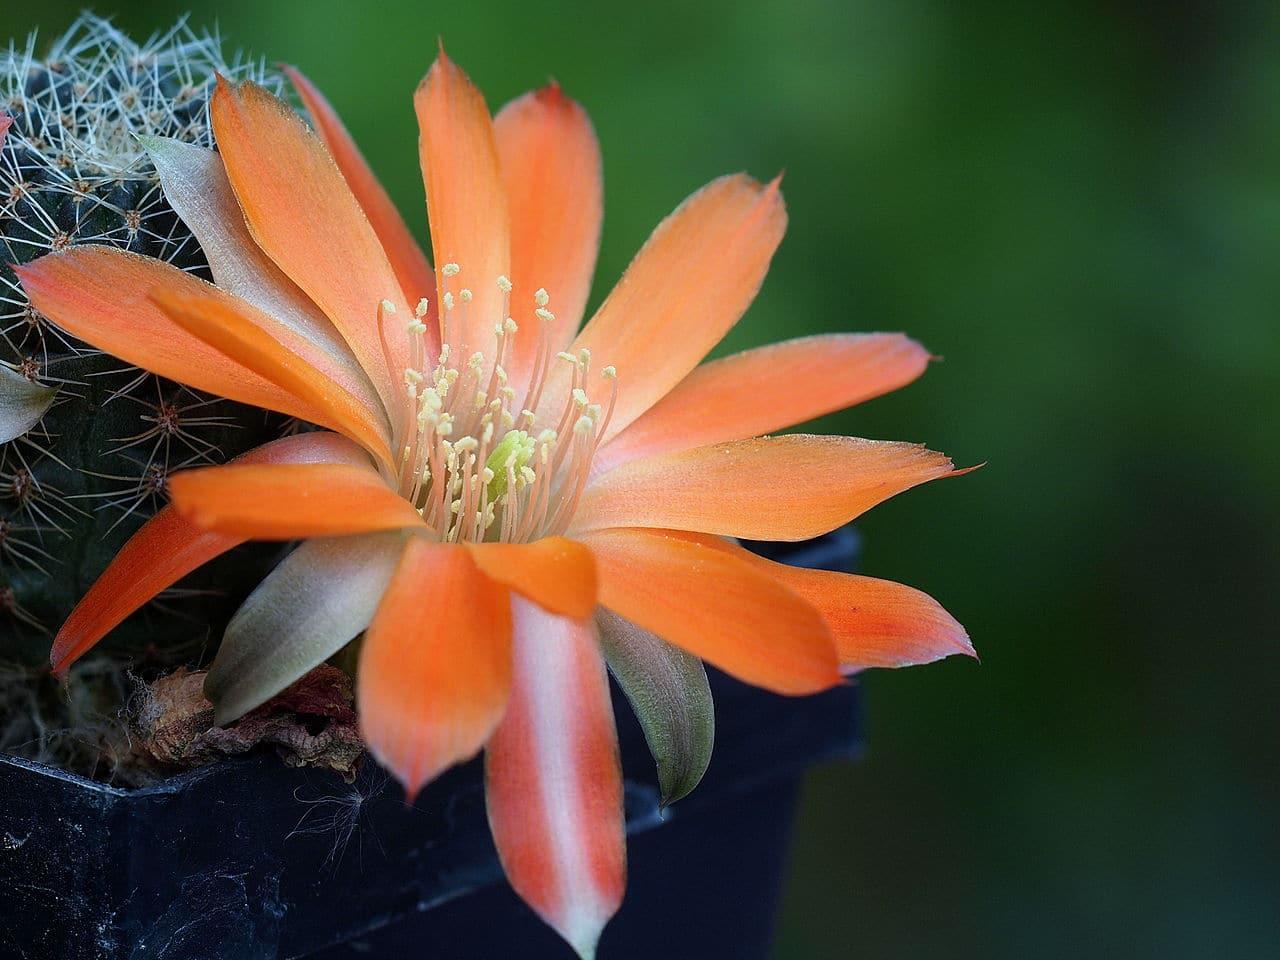 La Rebutia es un tipo de cactus que produce flores preciosas